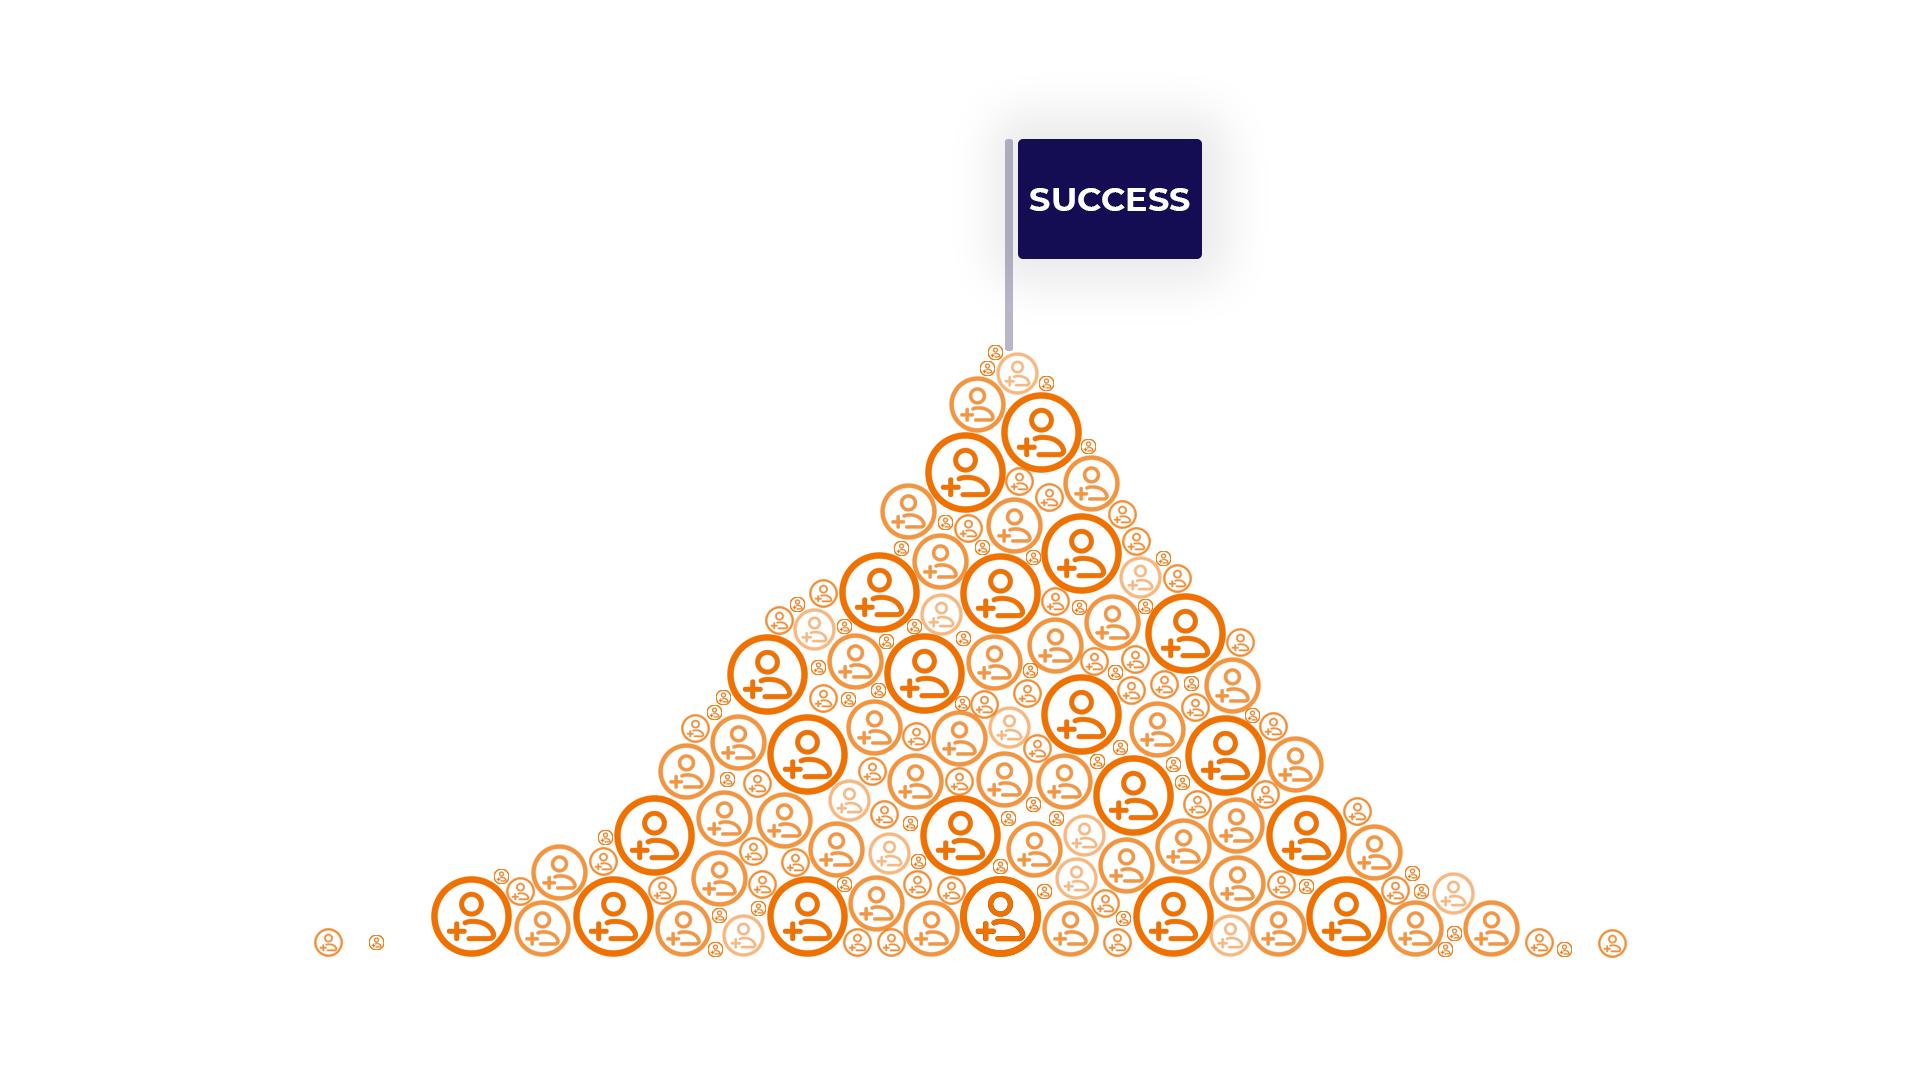 Image: Success graphic